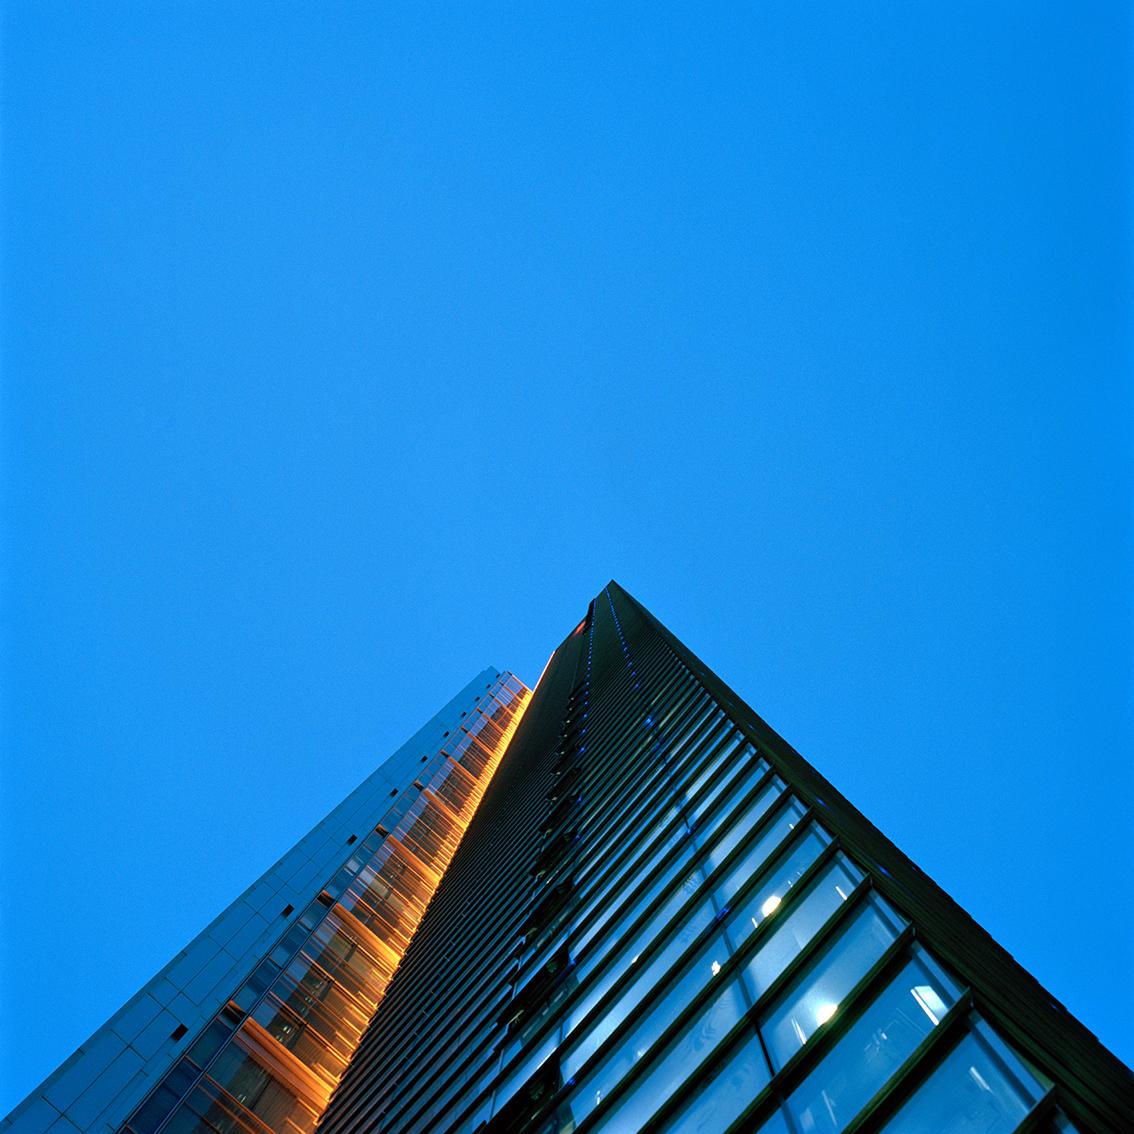 Heron Tower in London